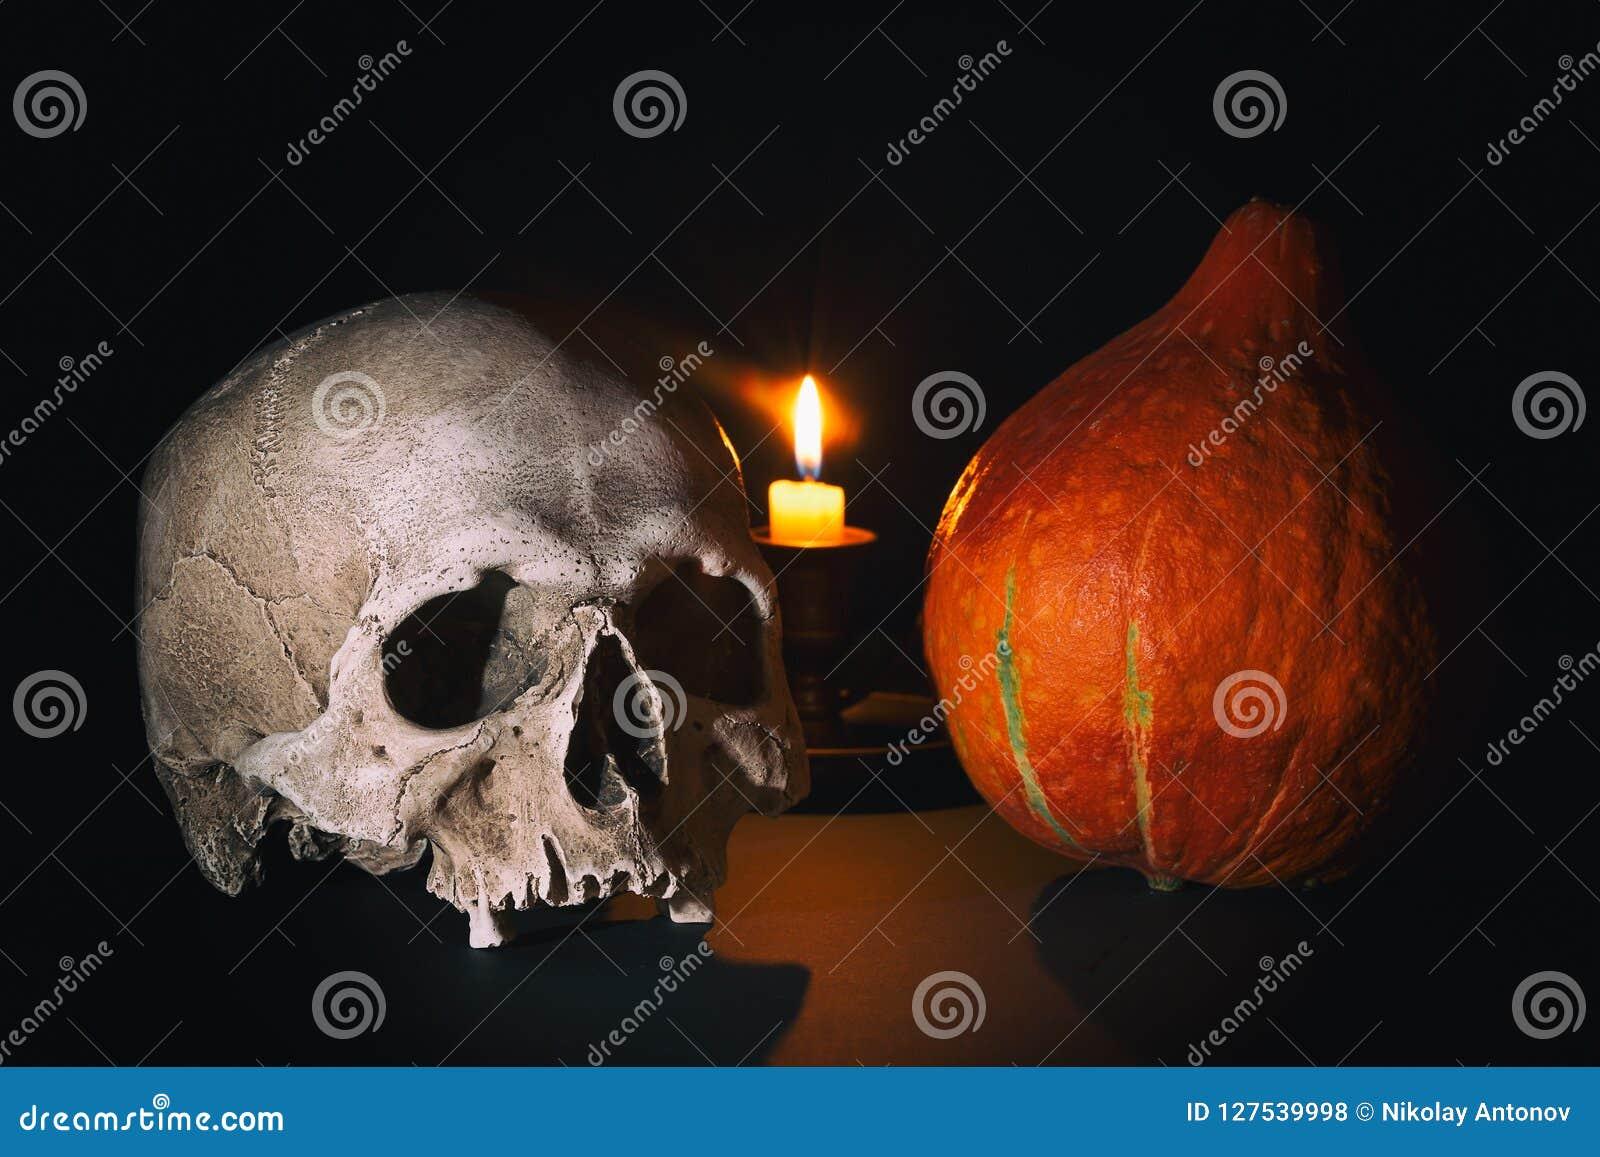 Cena de Halloween Crânio humano perto da abóbora de Dia das Bruxas com vela ardente no fundo do preto escuro Feche acima da image